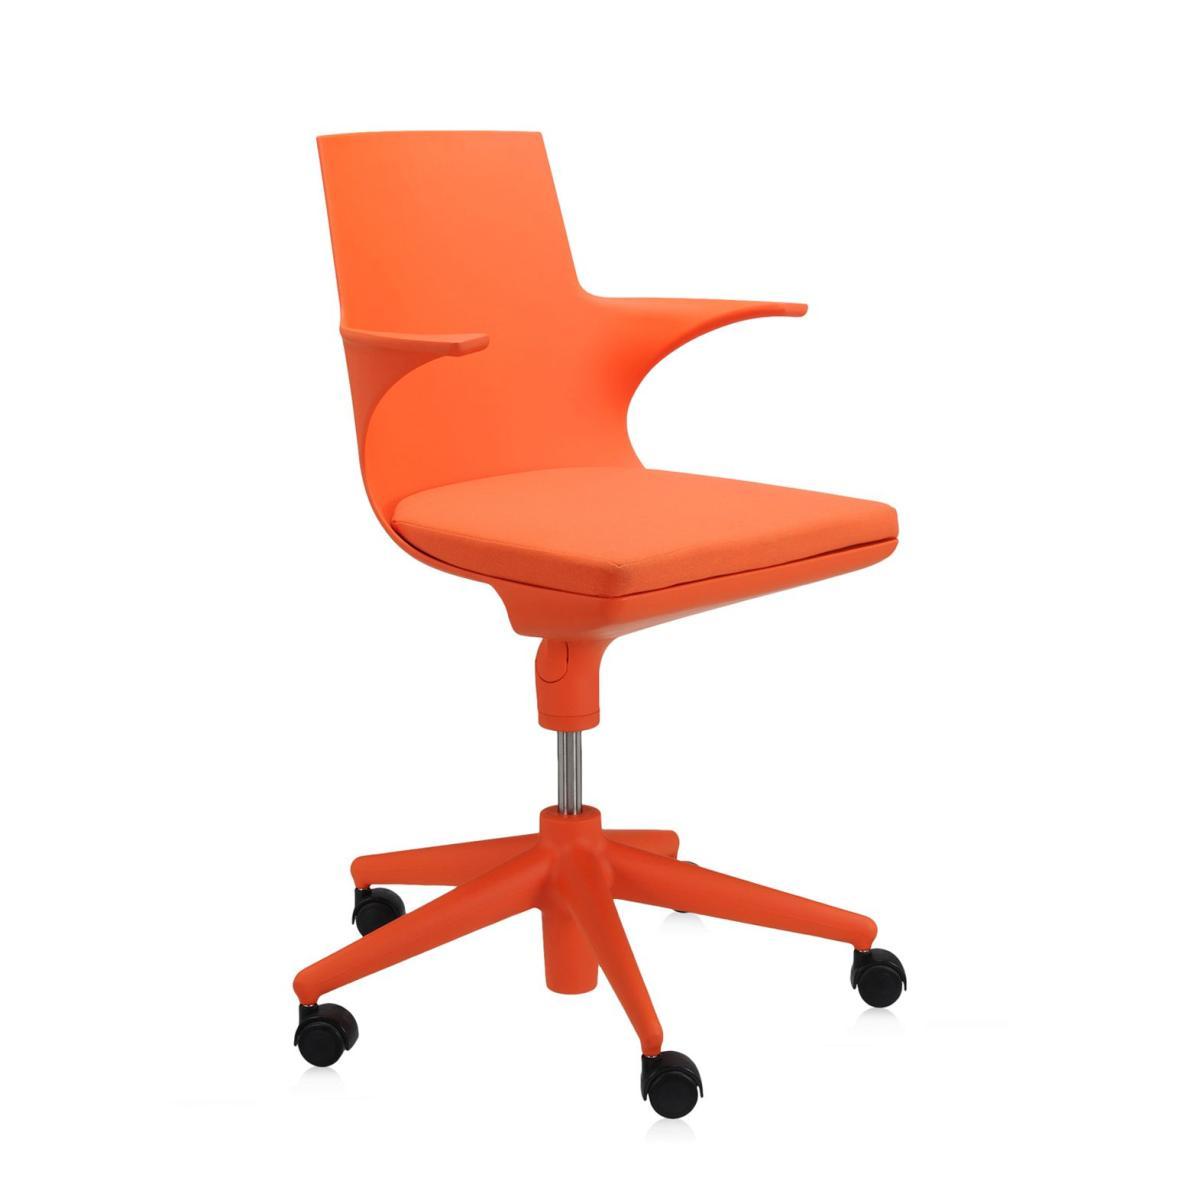 Spoon Chair Drehstuhl orange